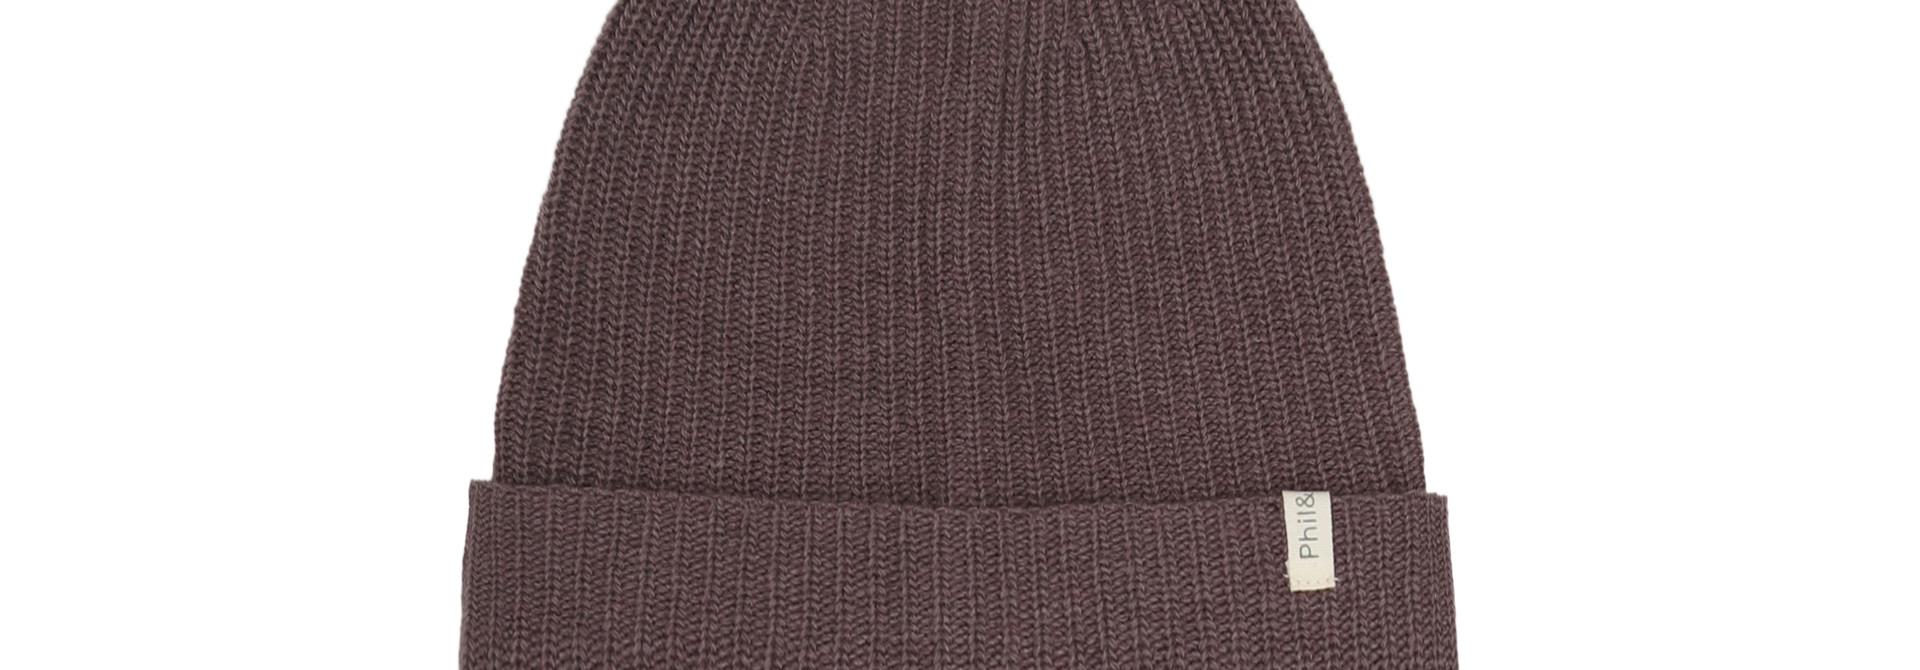 Cashmere - blend knit Beanie - Lavender